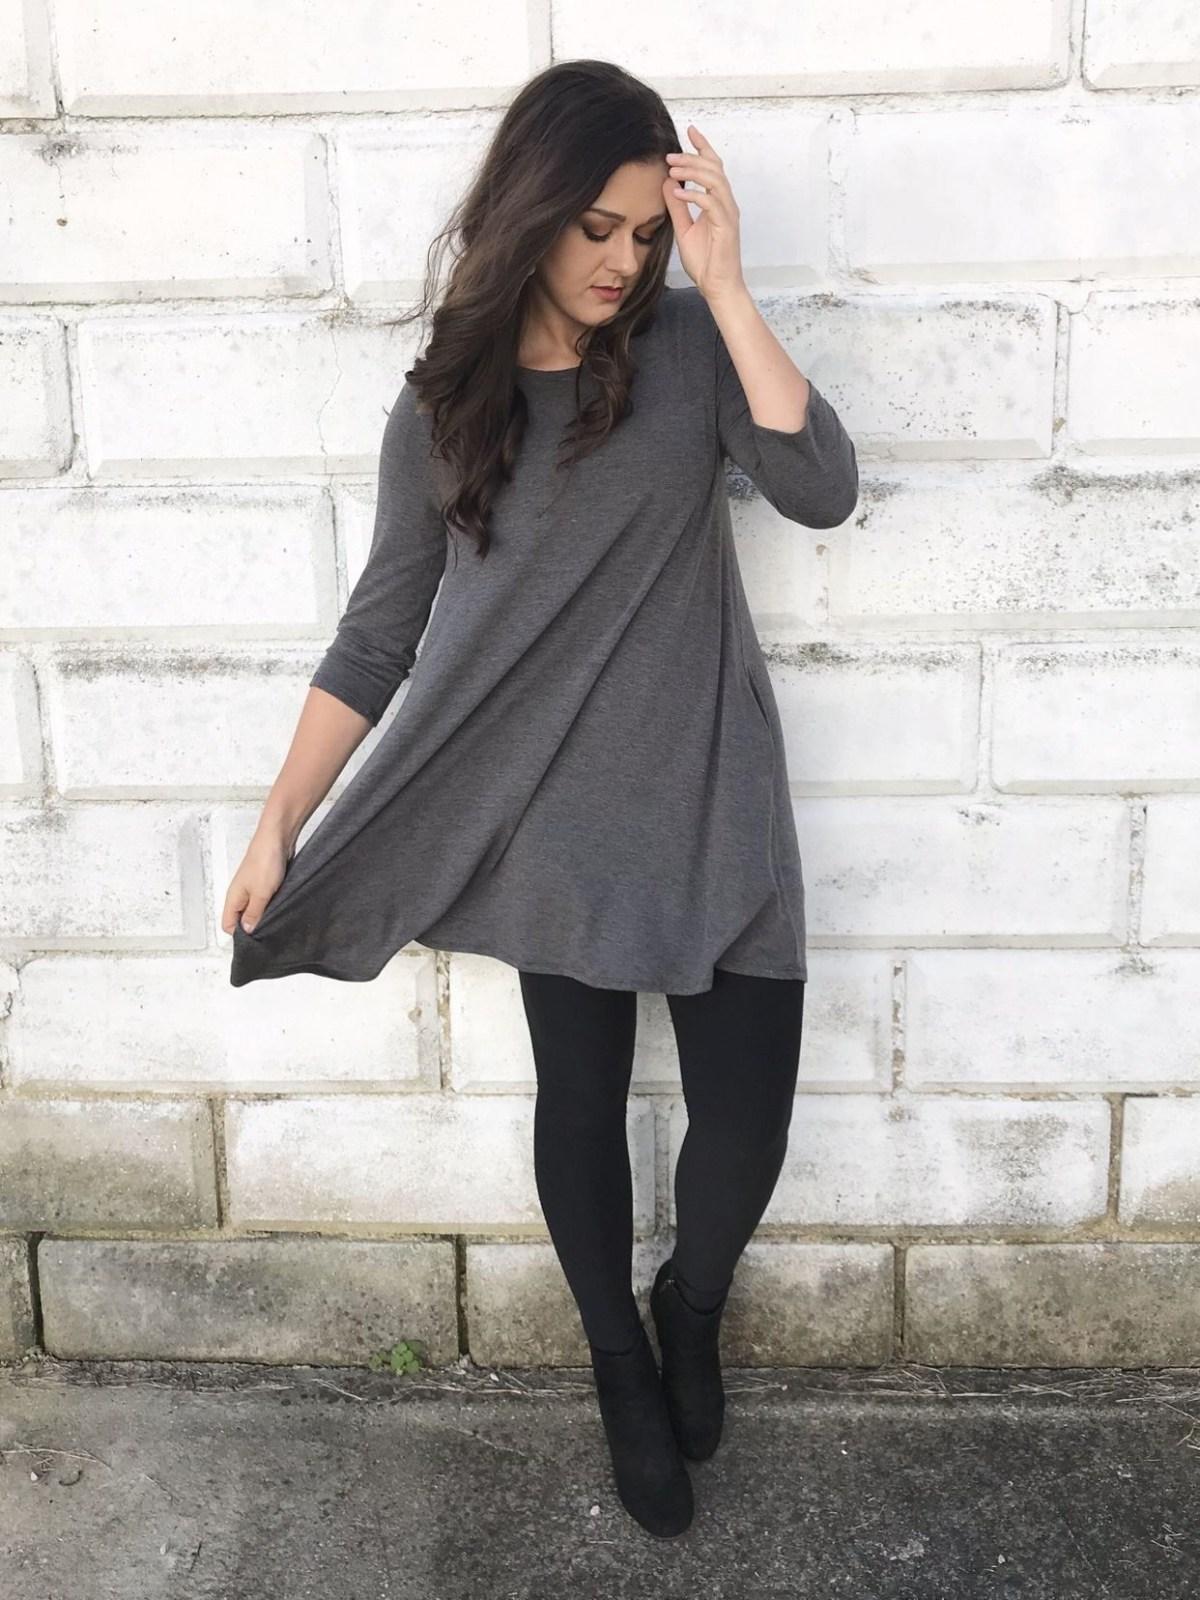 fall fashion gray tunic dress 1000 tunic dress with